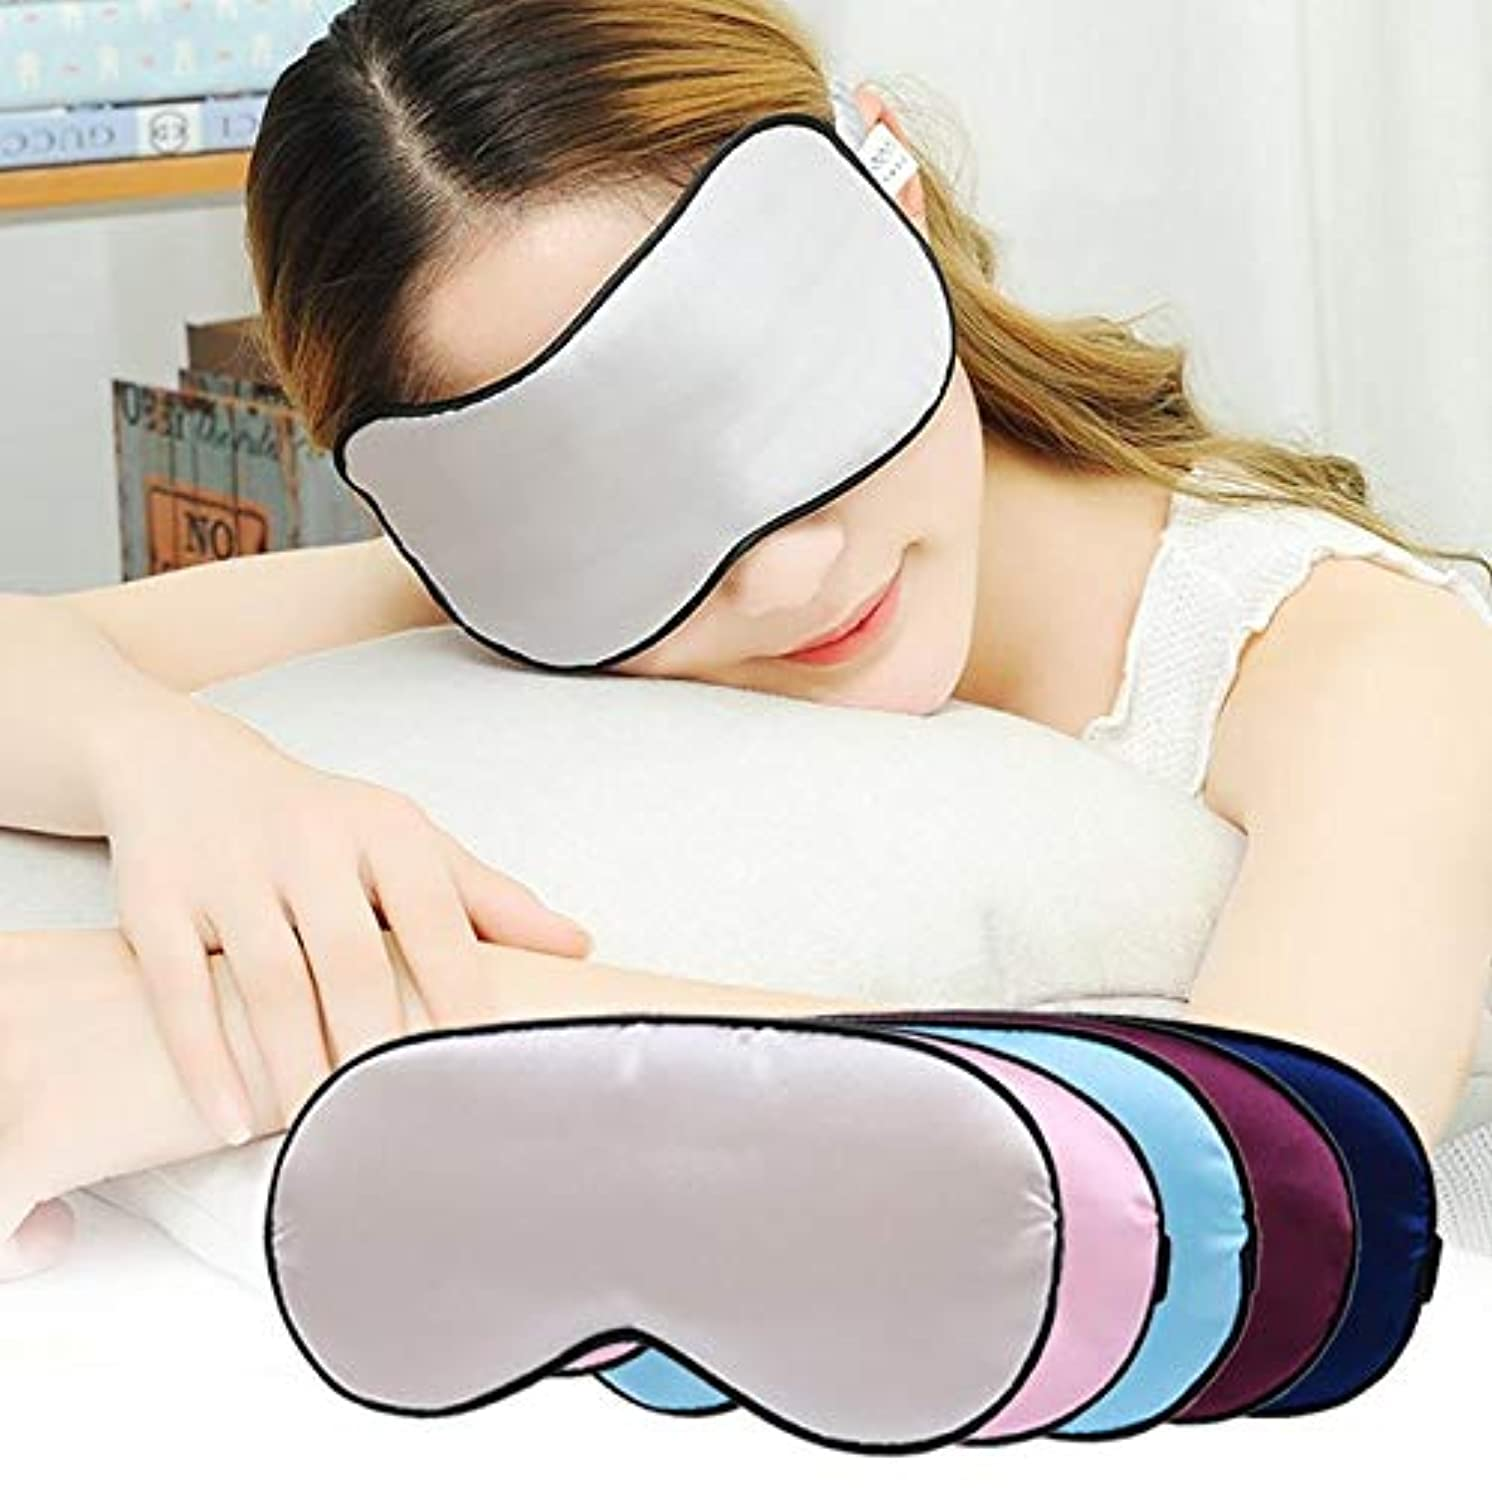 湿った原点政策メモシルクアイマスクゴーグル両面アイシェード疲労を軽減アイマスク睡眠目隠し休息リラックスリラックス補助睡眠ヘルプZ4